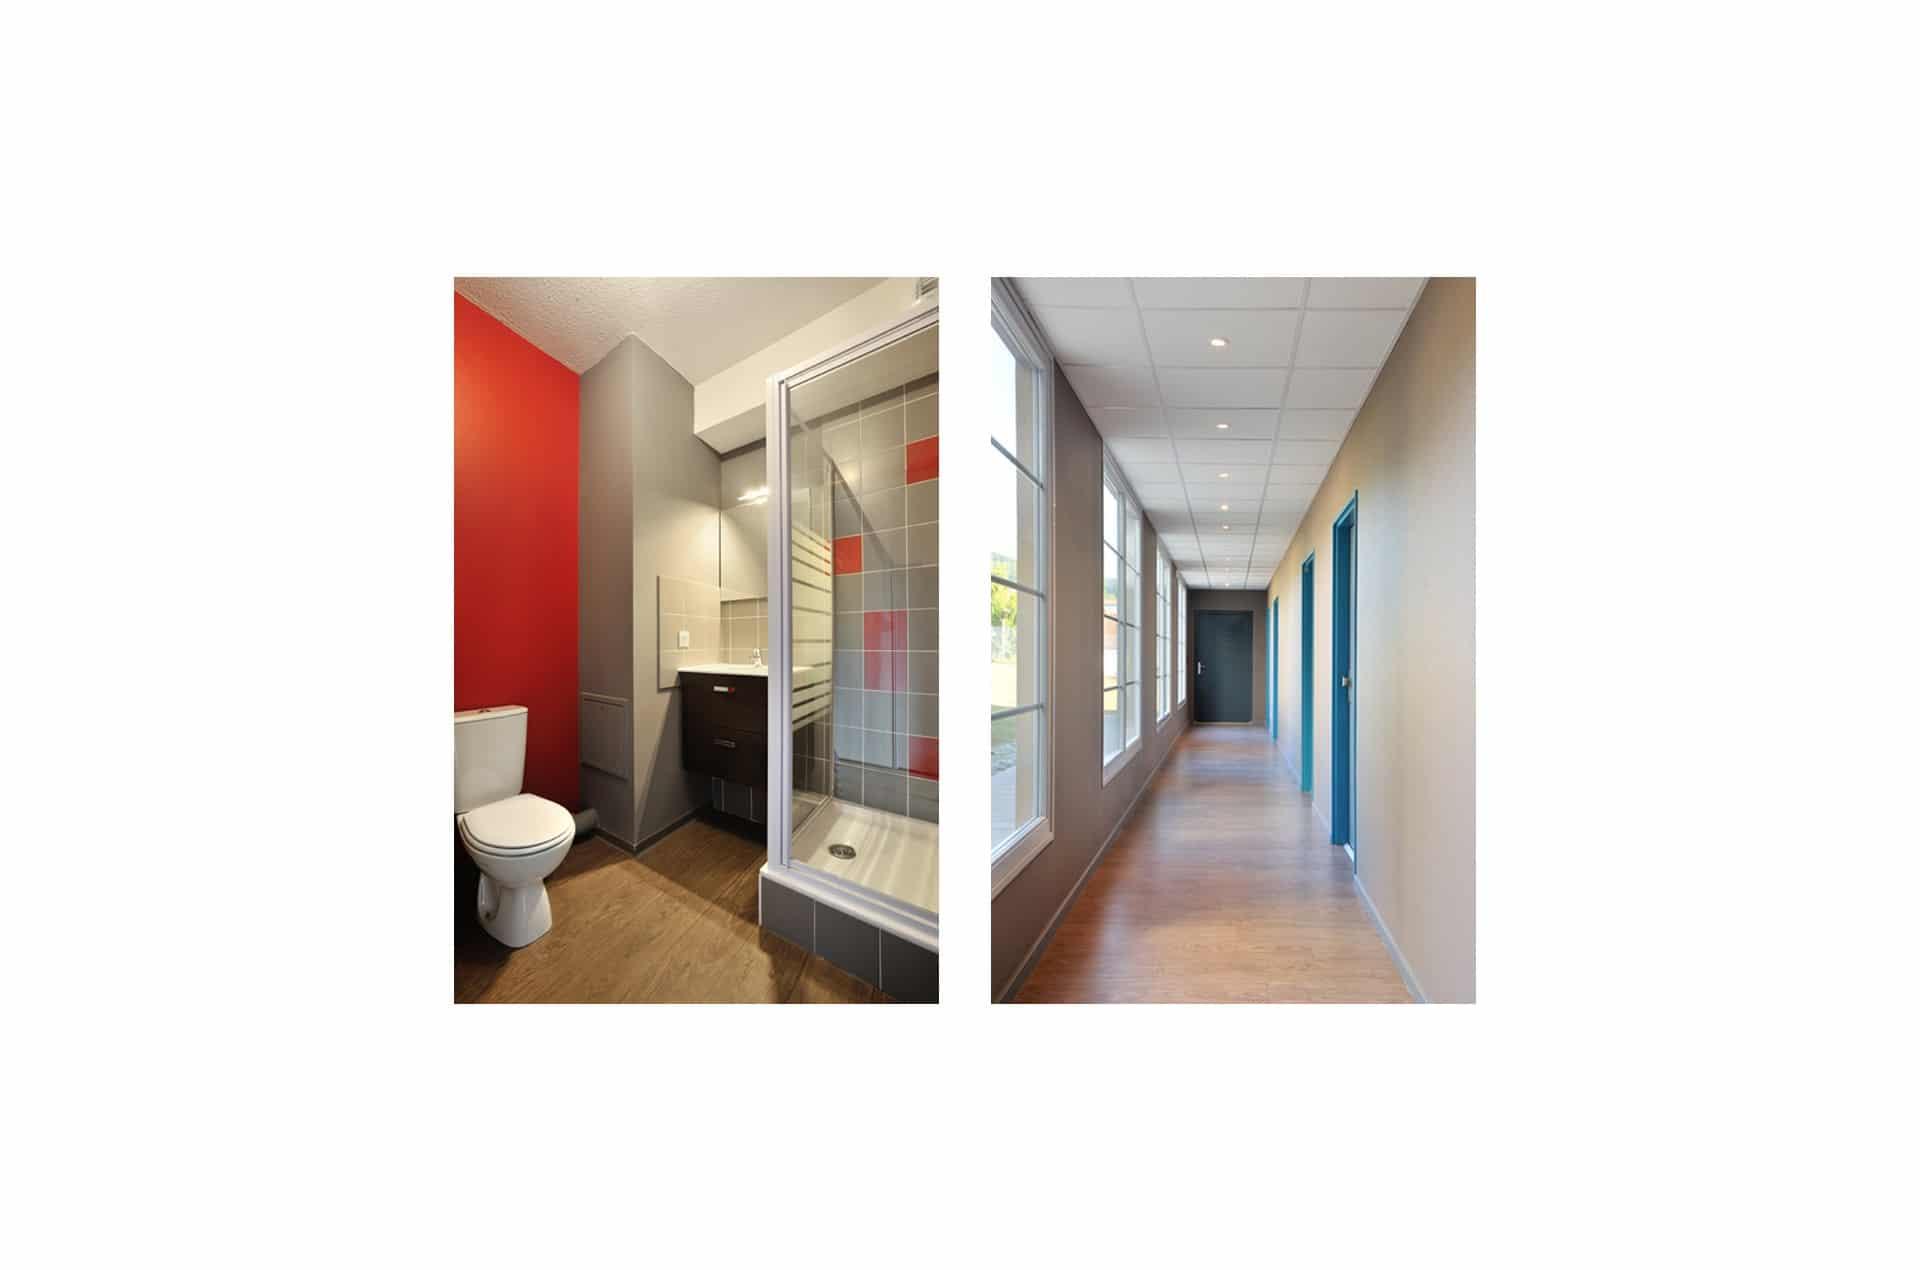 architec-cour-des-monts-dor-interieur-résidence- etudiante-logements